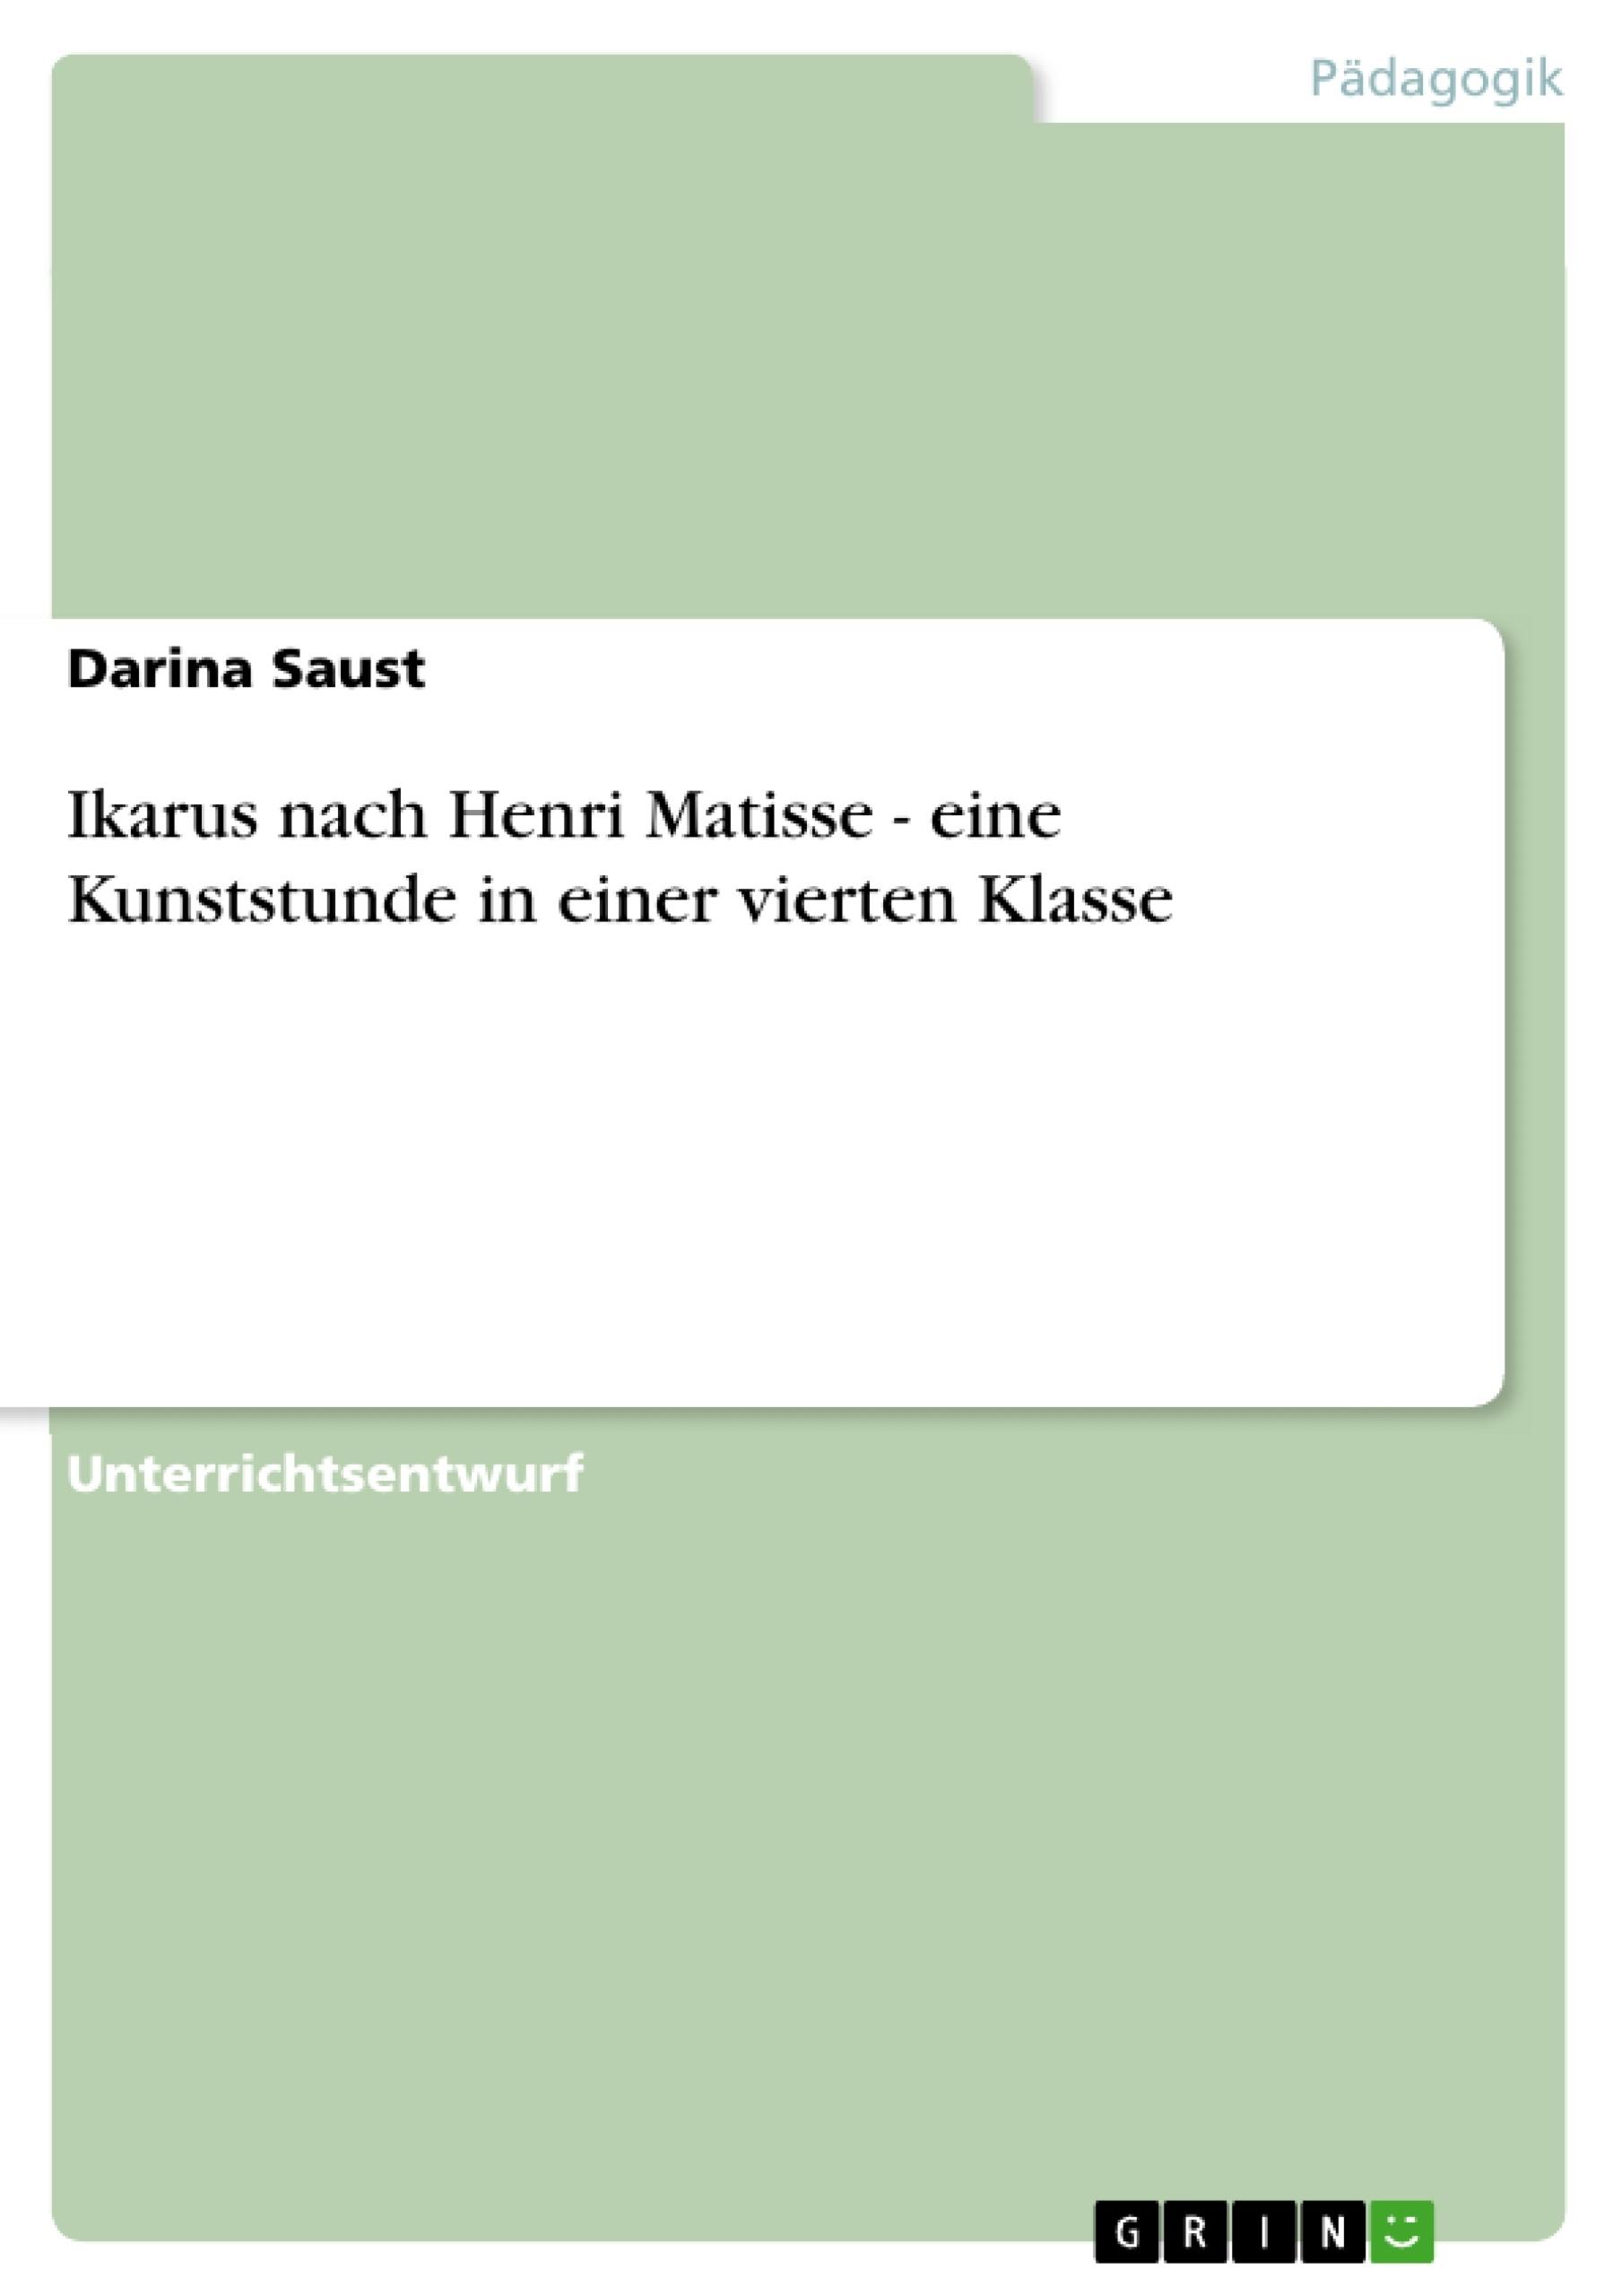 Titel: Ikarus nach Henri Matisse - eine Kunststunde in einer vierten Klasse